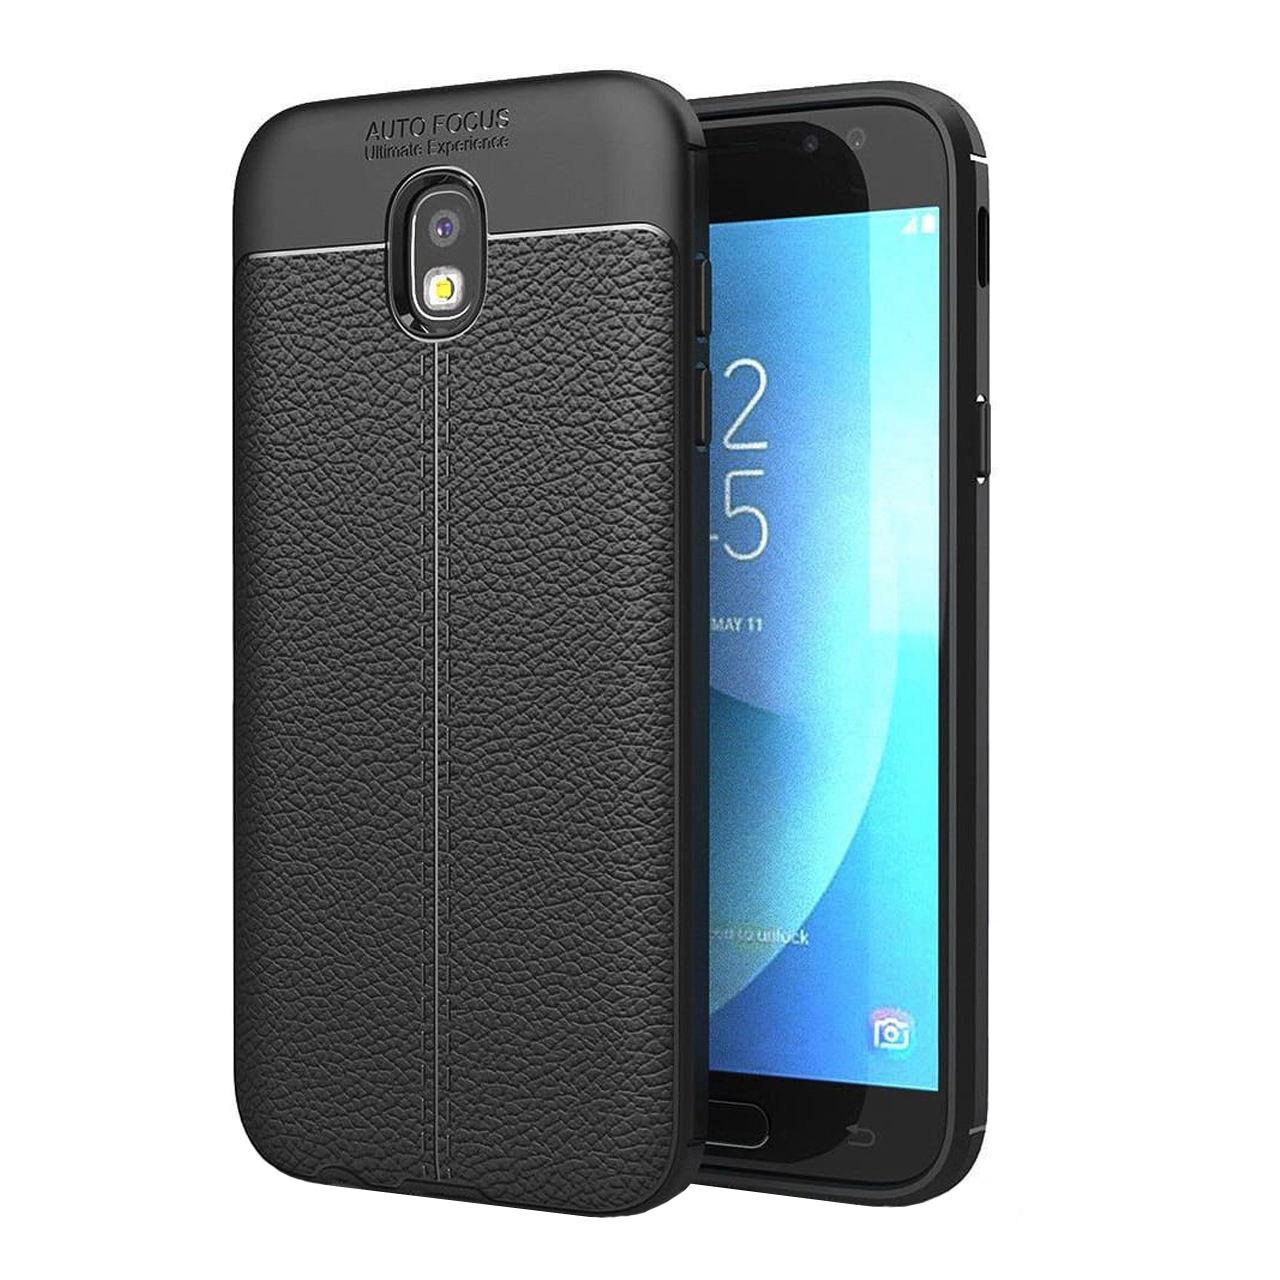 کاور ایبیزا مدل UE2501 مناسب برای گوشی موبایل سامسونگ Galaxy J7 pro